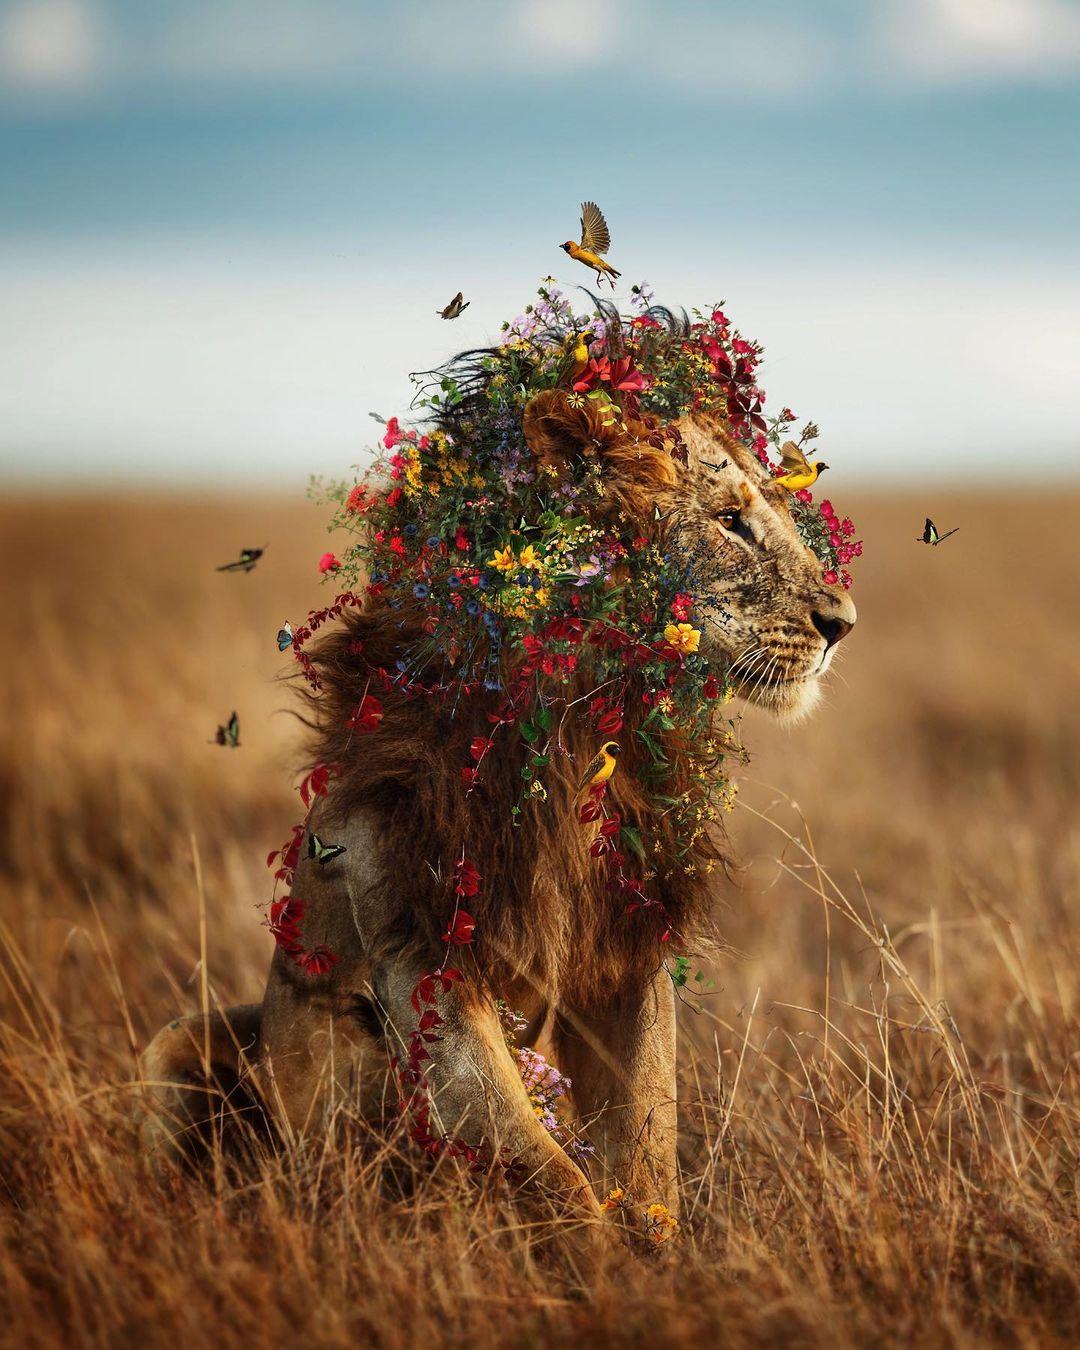 Удивительные фотоманипуляции от Марселя ван Луита